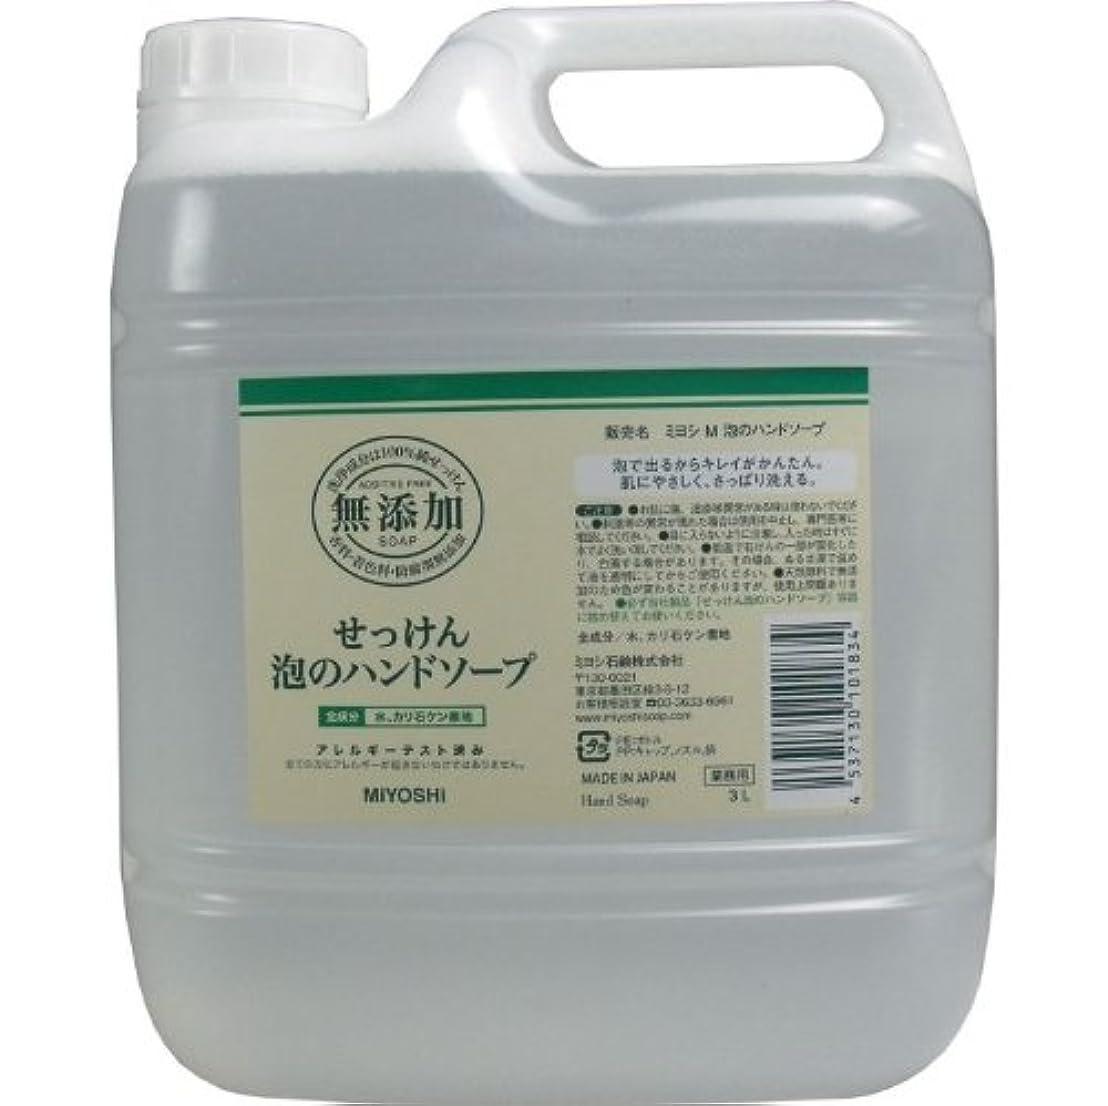 交じる防水ひねり泡で出るからキレイが簡単!家事の間のサッと洗いも簡単!香料、着色料、防腐剤無添加!(業務用)3L【2個セット】